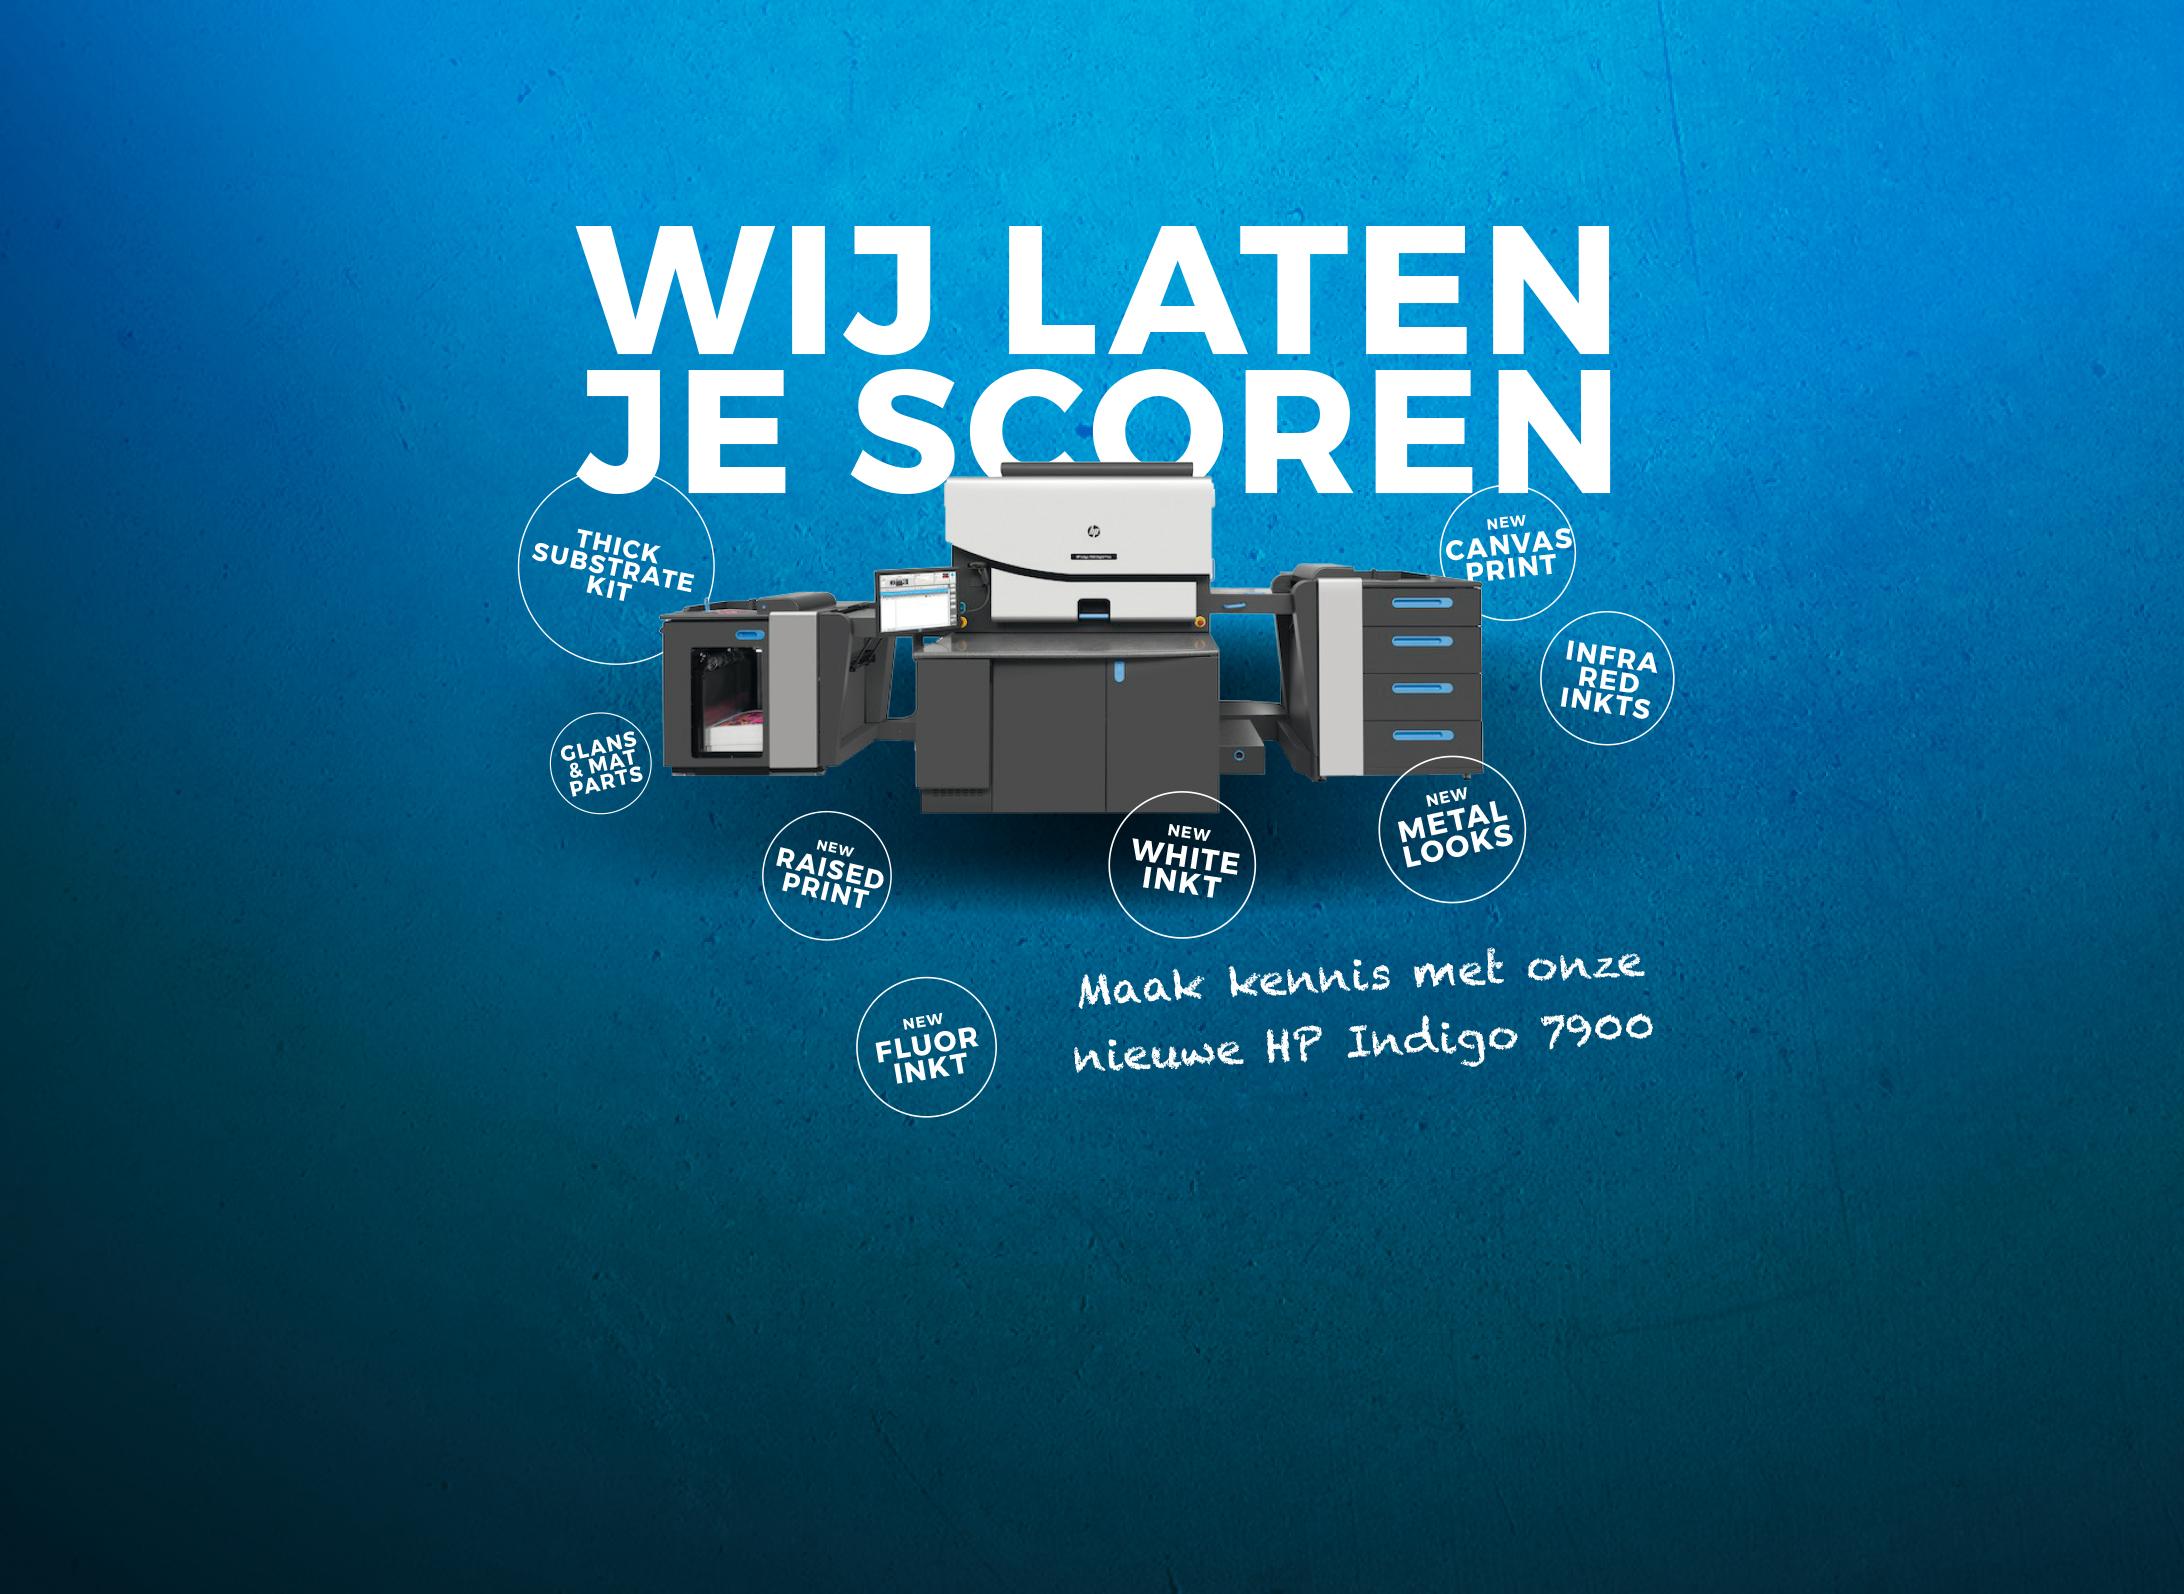 HP-INDIGO-7600-Bredewold